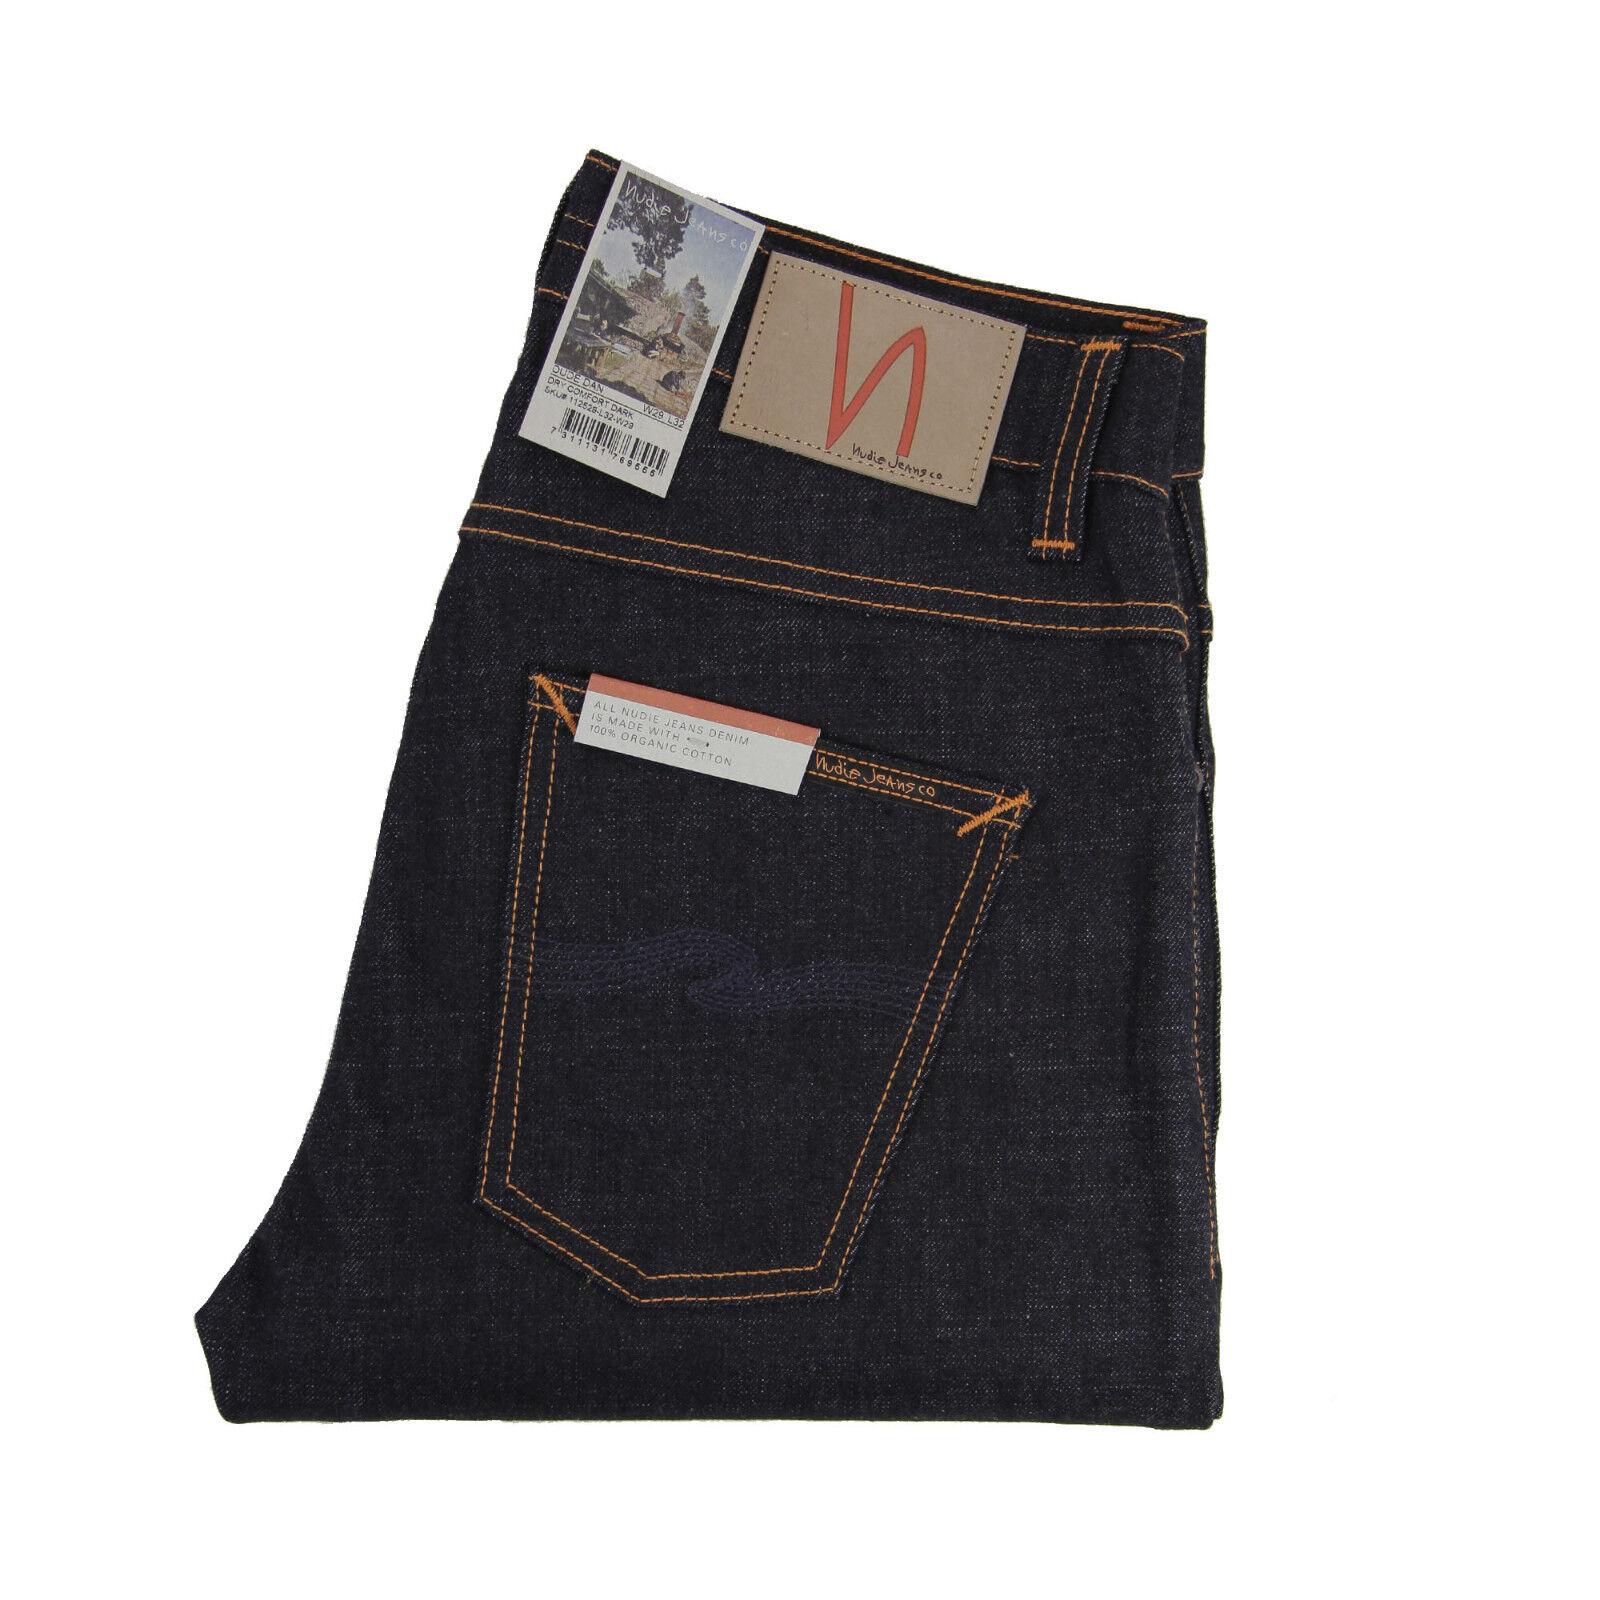 Nudie Dude Dan, Jeans, Dry Comfort Dark, Dunkelblue, Baumwolle, 112529, Neu